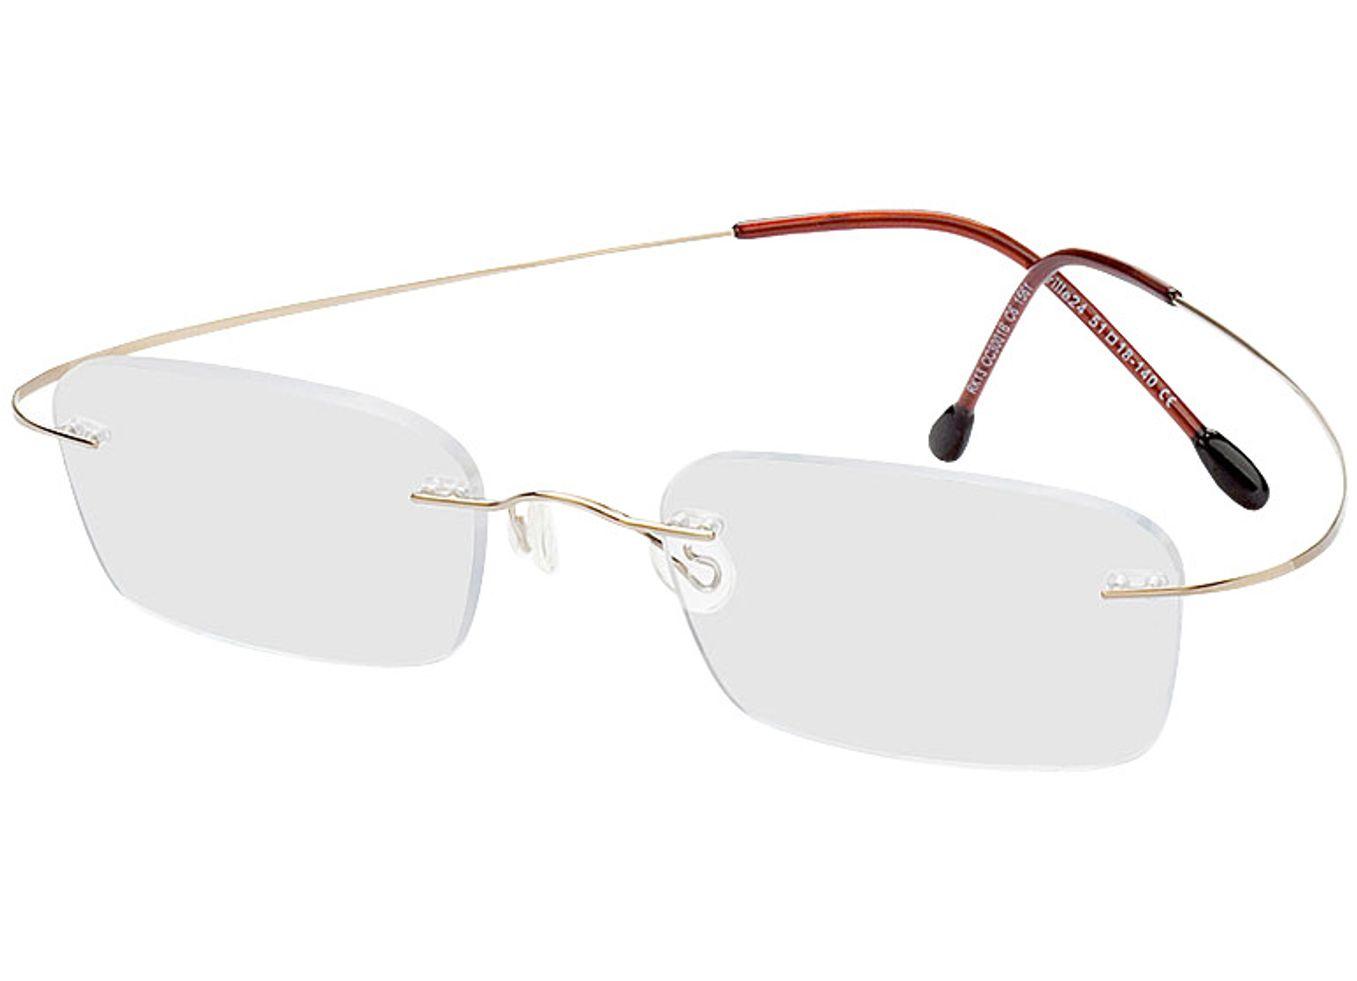 1561-singlevision-0000 Mackay-gold Gleitsichtbrille, Randlos, Rechteckig Brille24 Collection